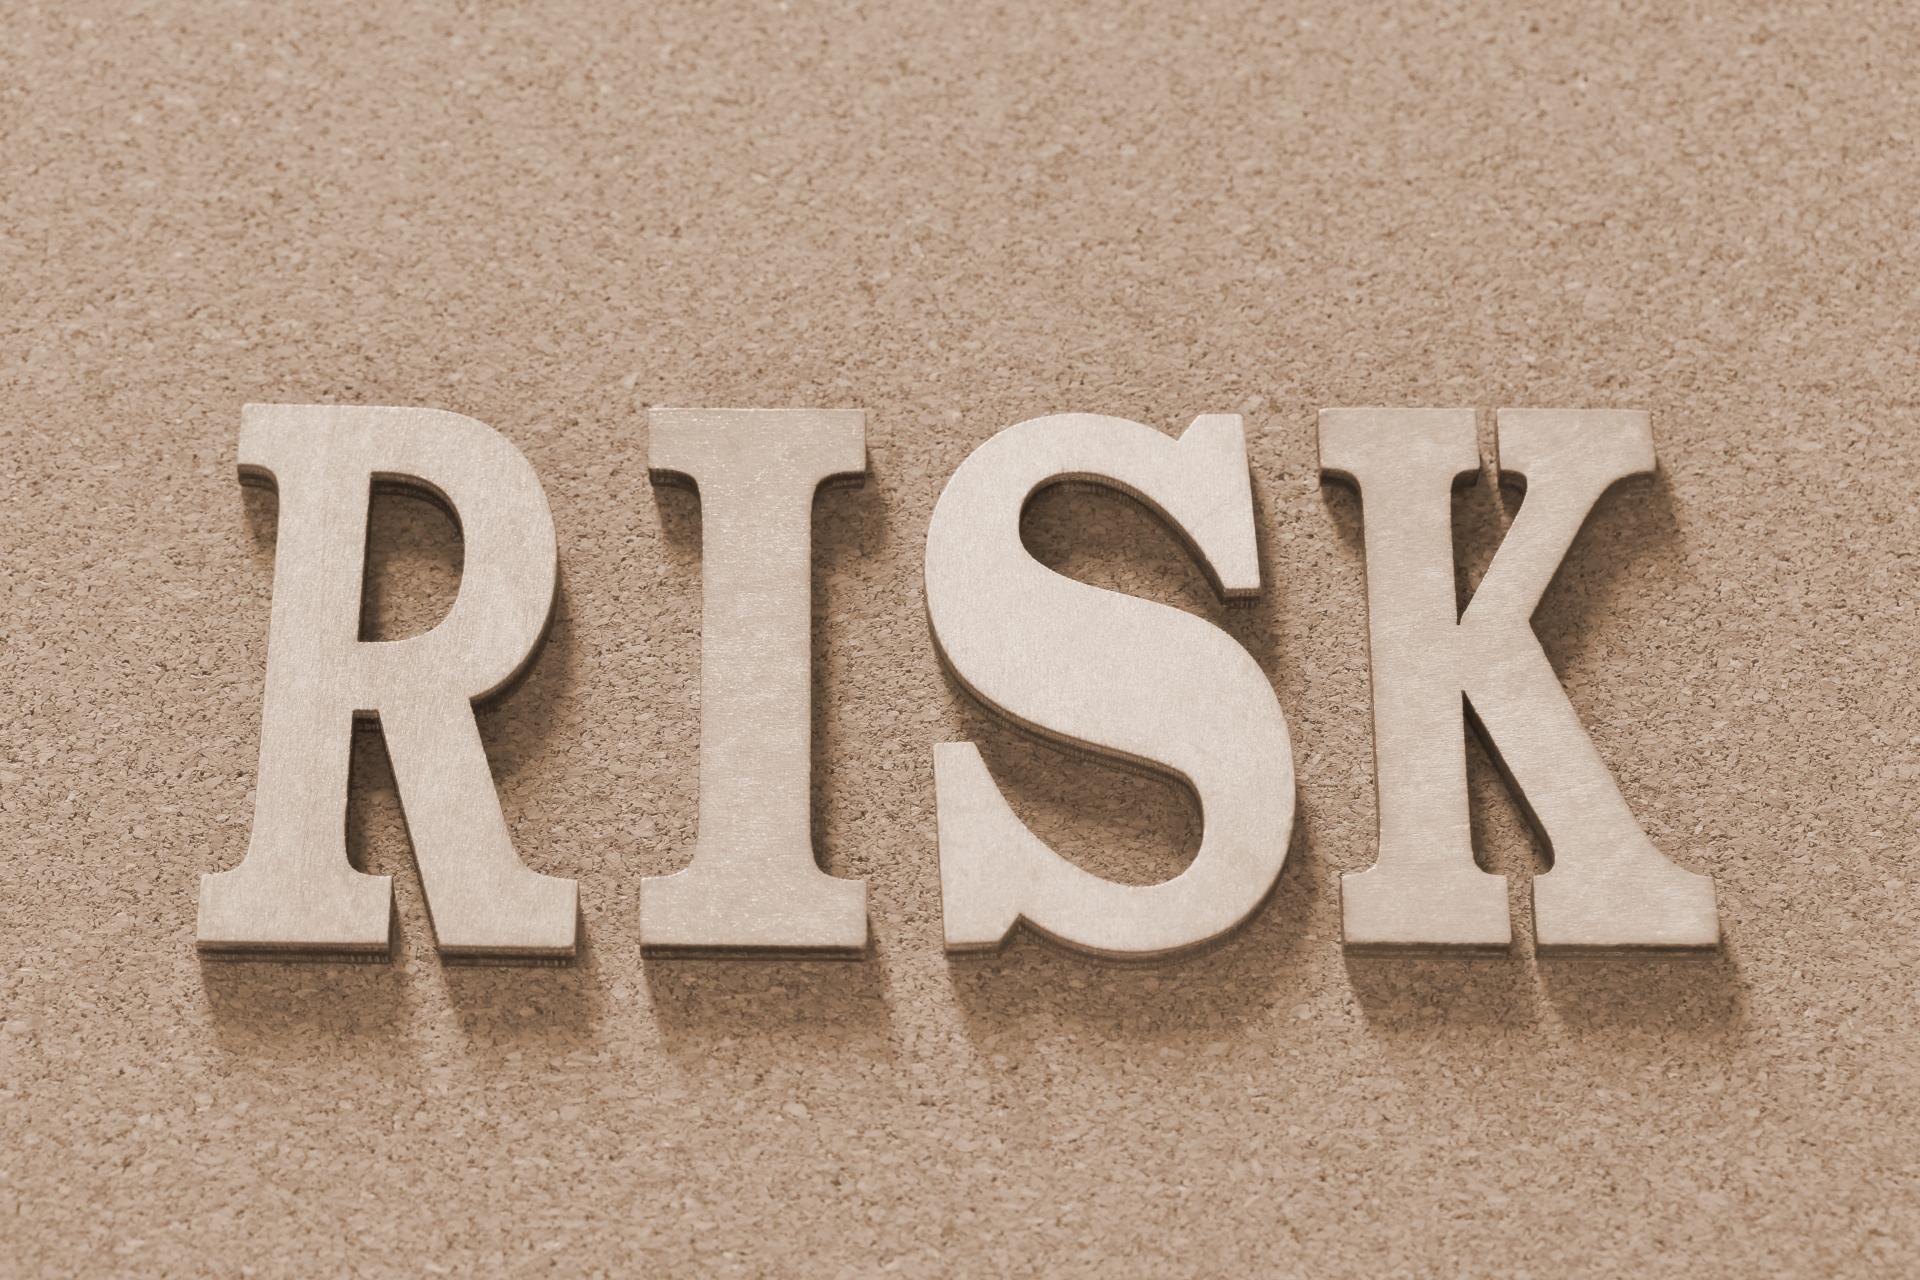 リスクファイナンスの促進